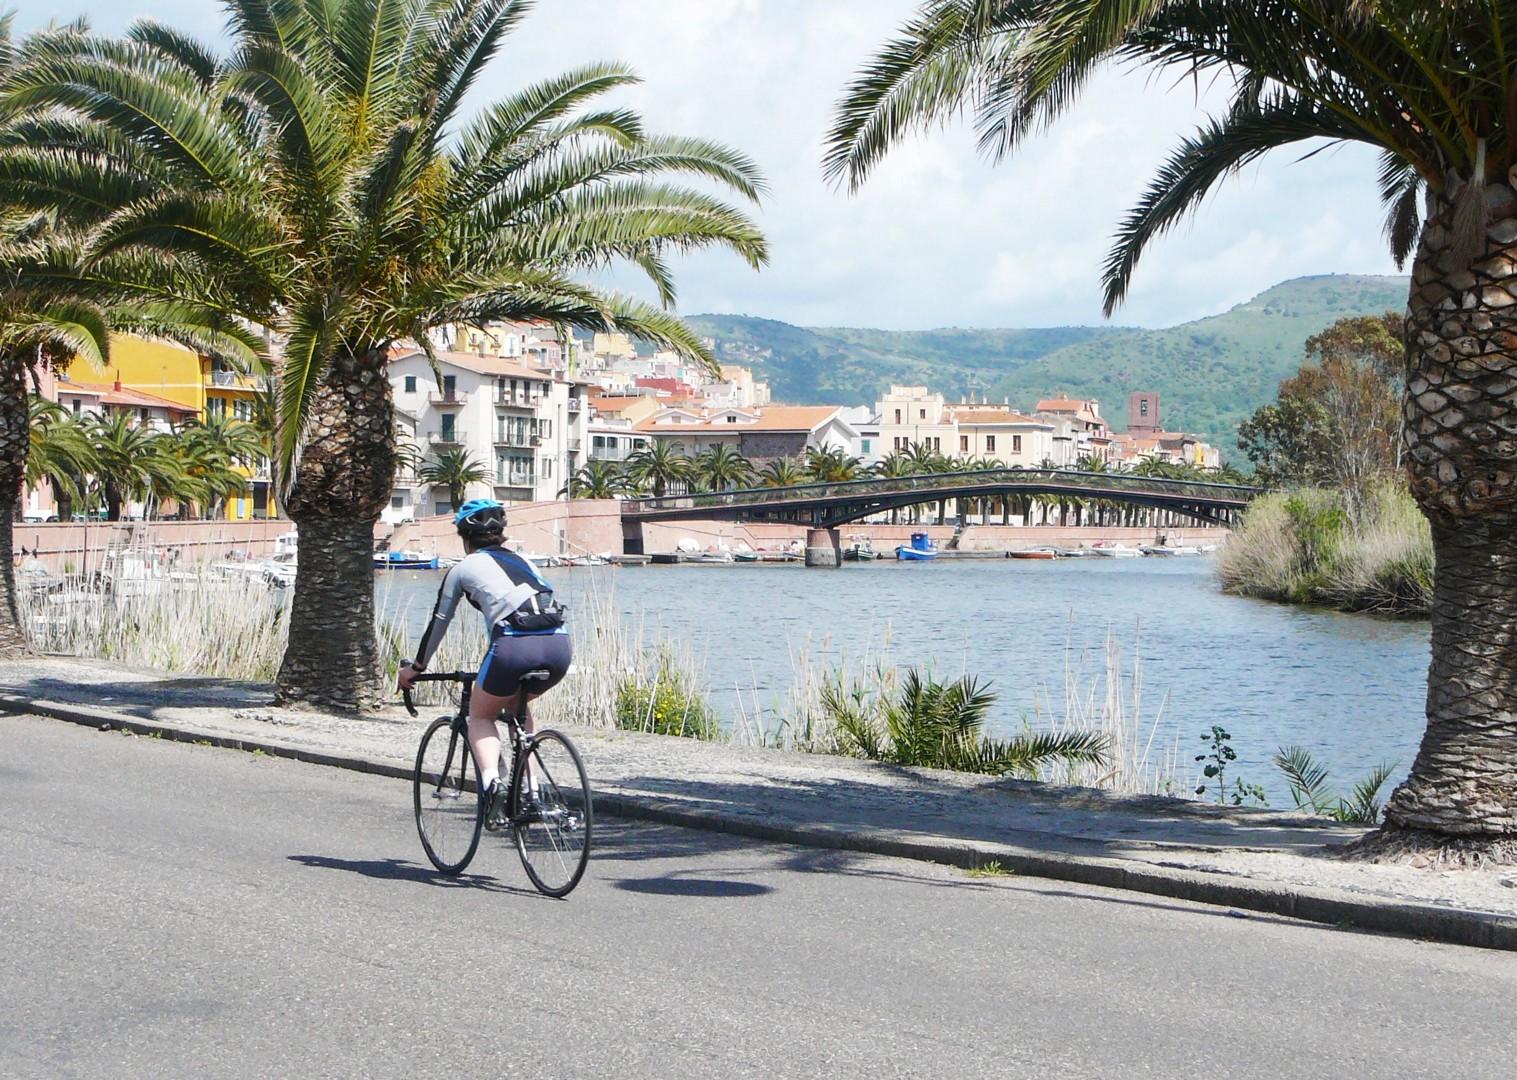 Road-Cycling-Holiday-Coastal-Explorer-Sardinia-Italy-Pan-di-Zucchero.JPG - Italy - Net Trade Rate - Coastal TranSardinia - Self-Guided Road Cycling Holiday - Italia Road Cycling